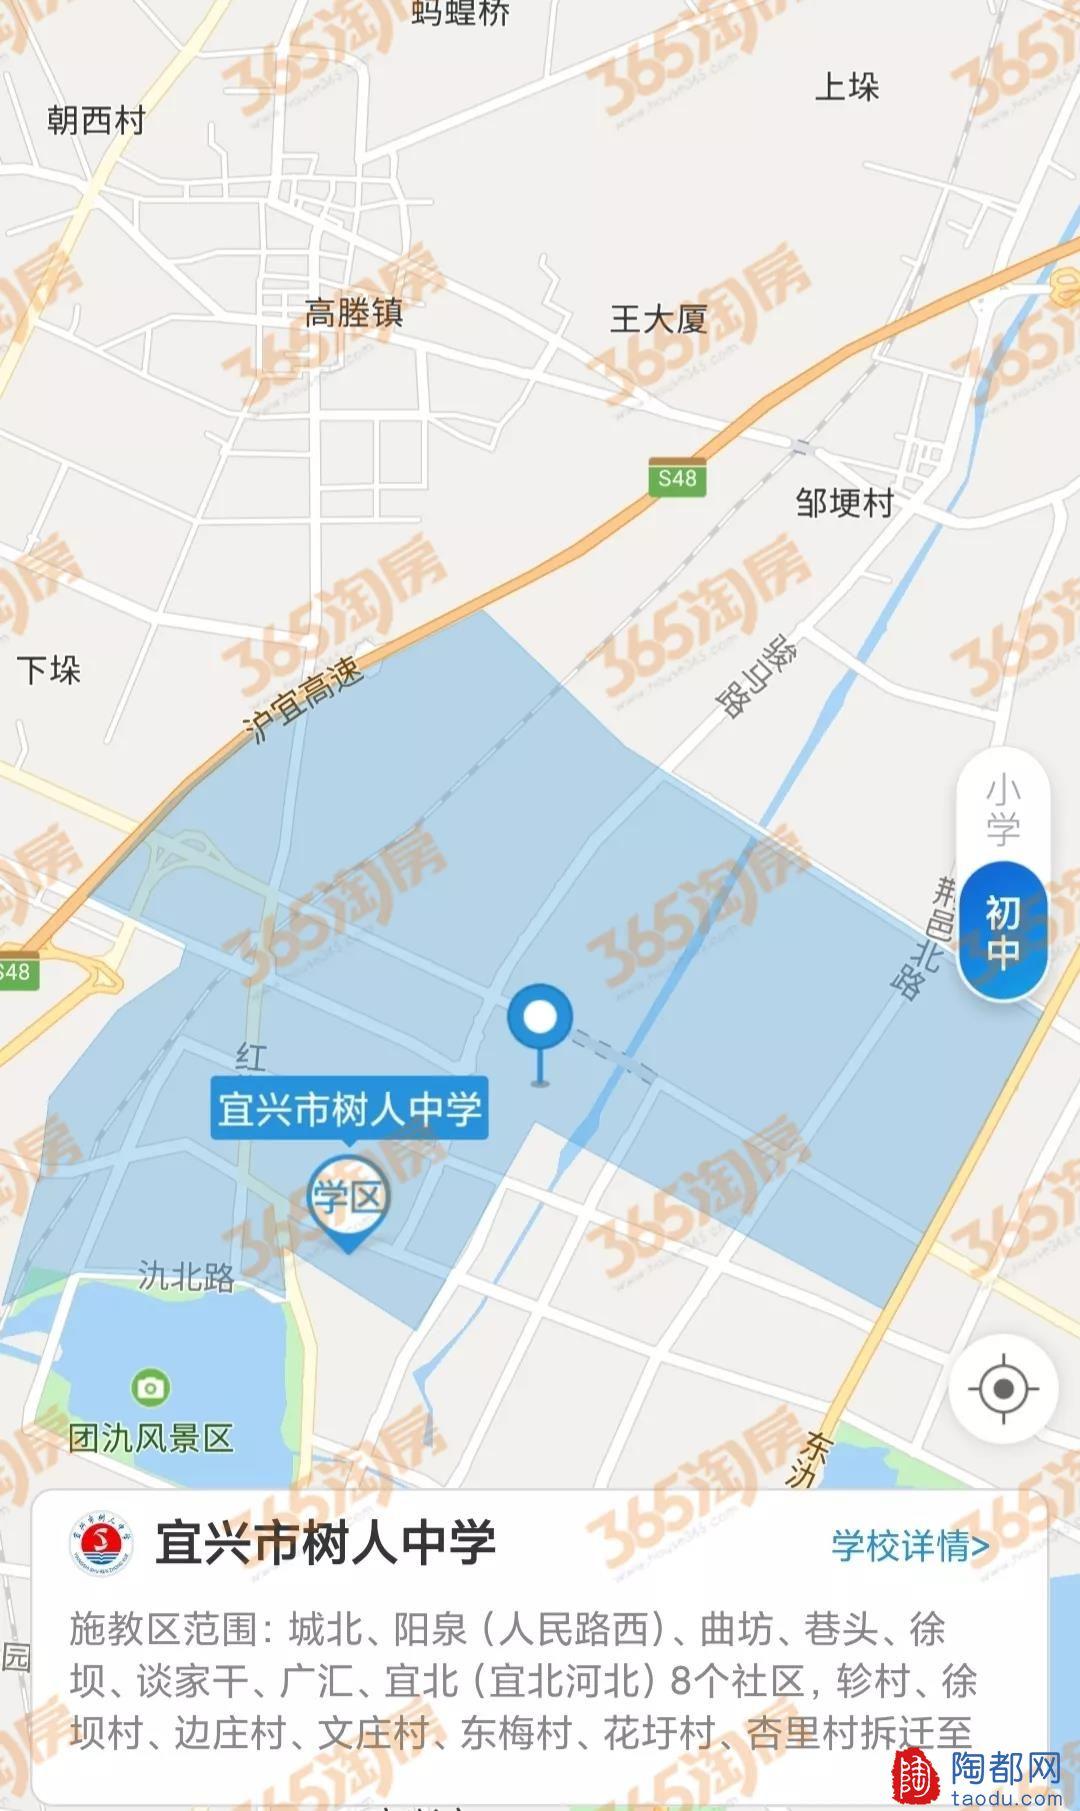 微信图片_20200323092701.jpg